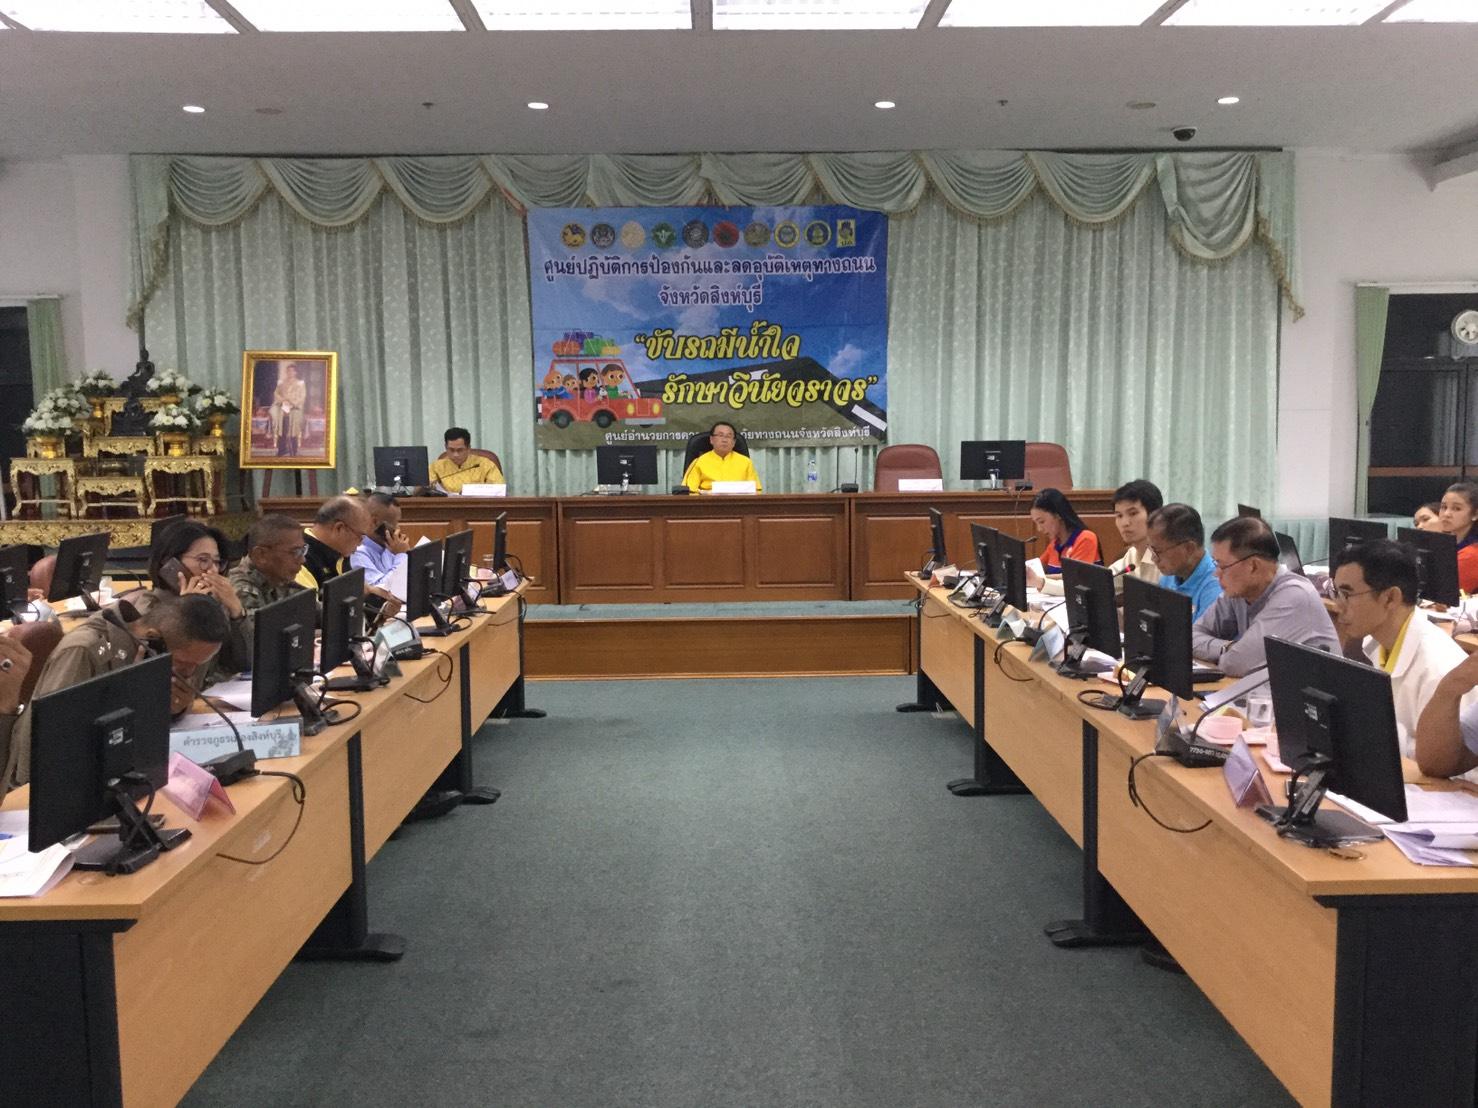 ร่วมประชุมคณะกรรมการศูนย์ปฏิบัติการป้องกันและลดอุบัติเหตุทางถนนช่วงเทศกาลปีใหม่ พ.ศ. 2563